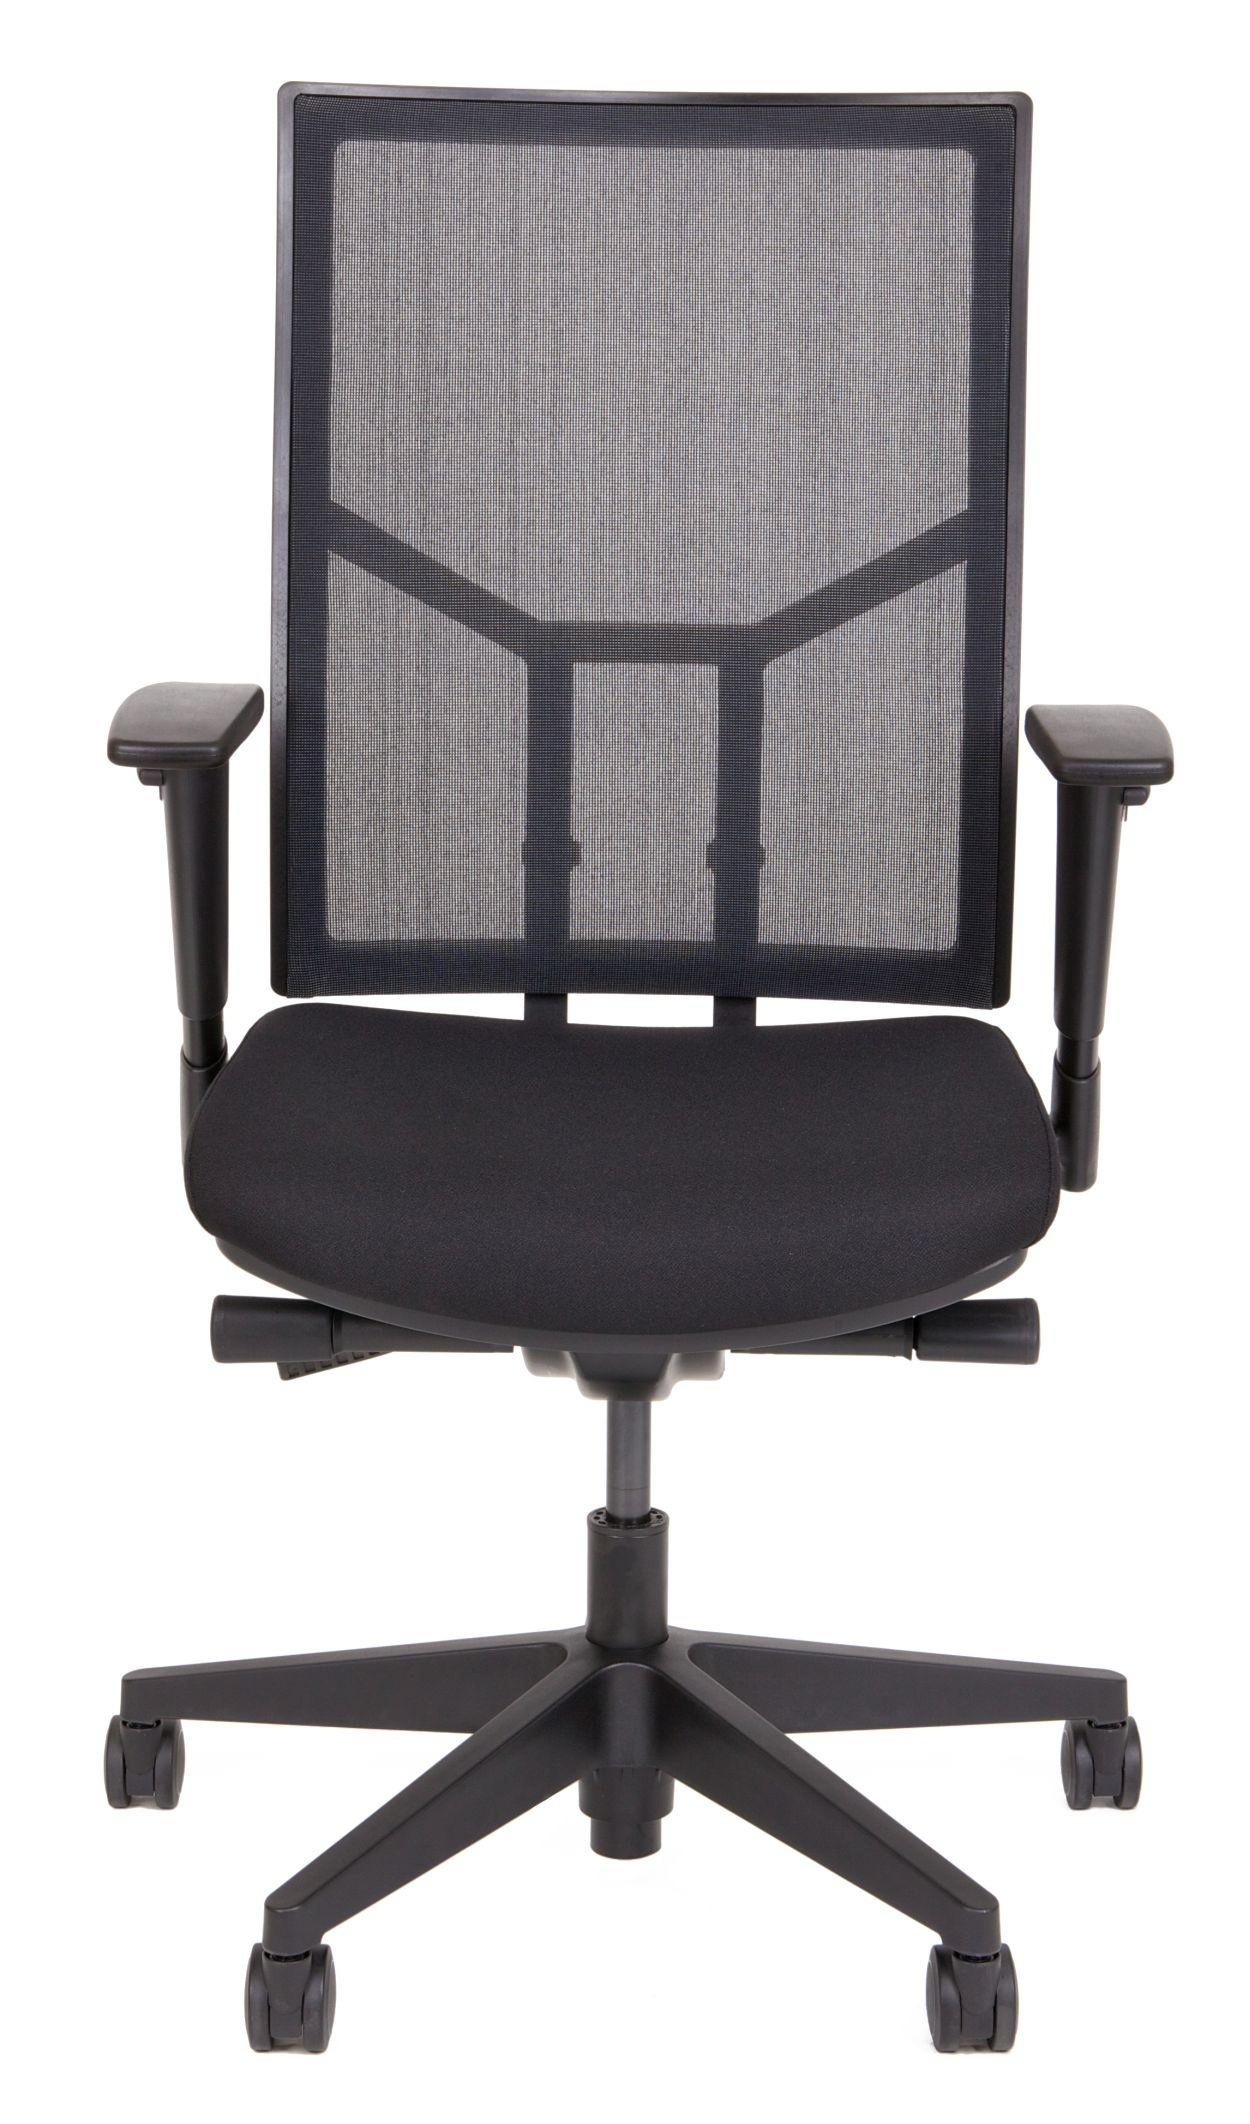 24Designs Bureaustoel Office Elwood - Netwave - Stof - Zwart